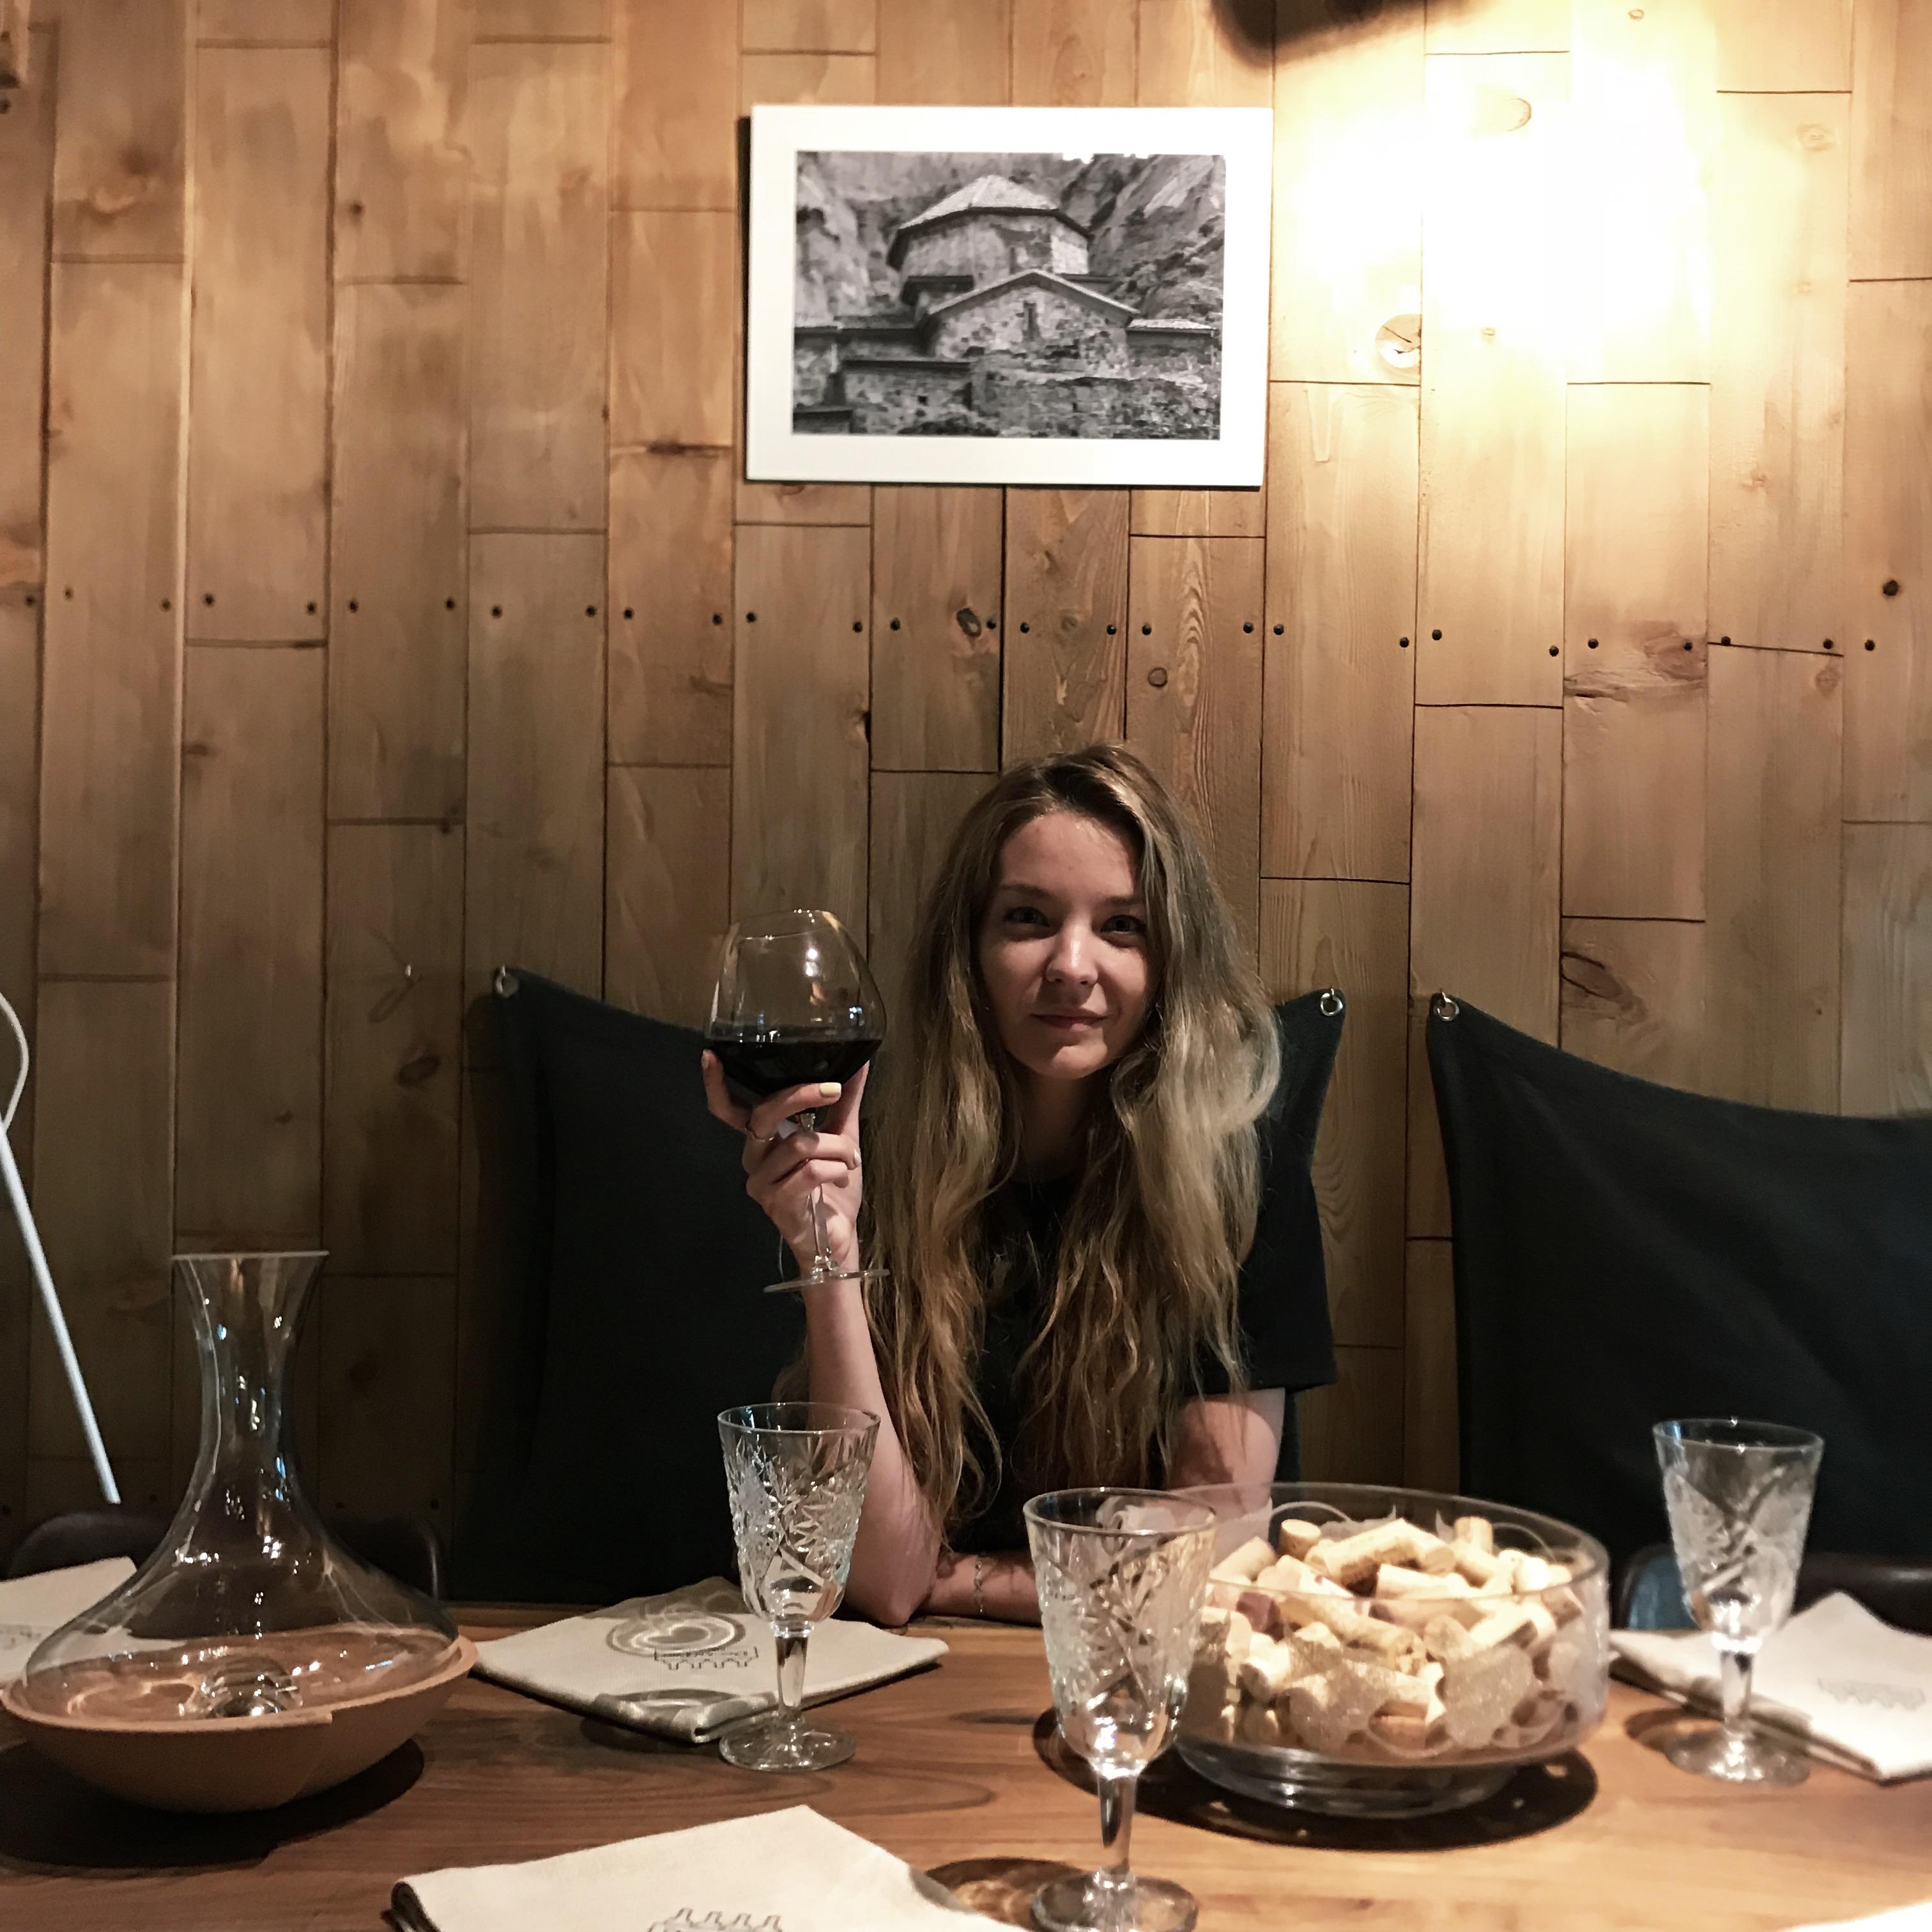 IMG 4474 #туризм DecanTer, Famous, вино, грузинская кухня, грузинское вино, Грузия, еда, кулинария, кухня, тбилиси